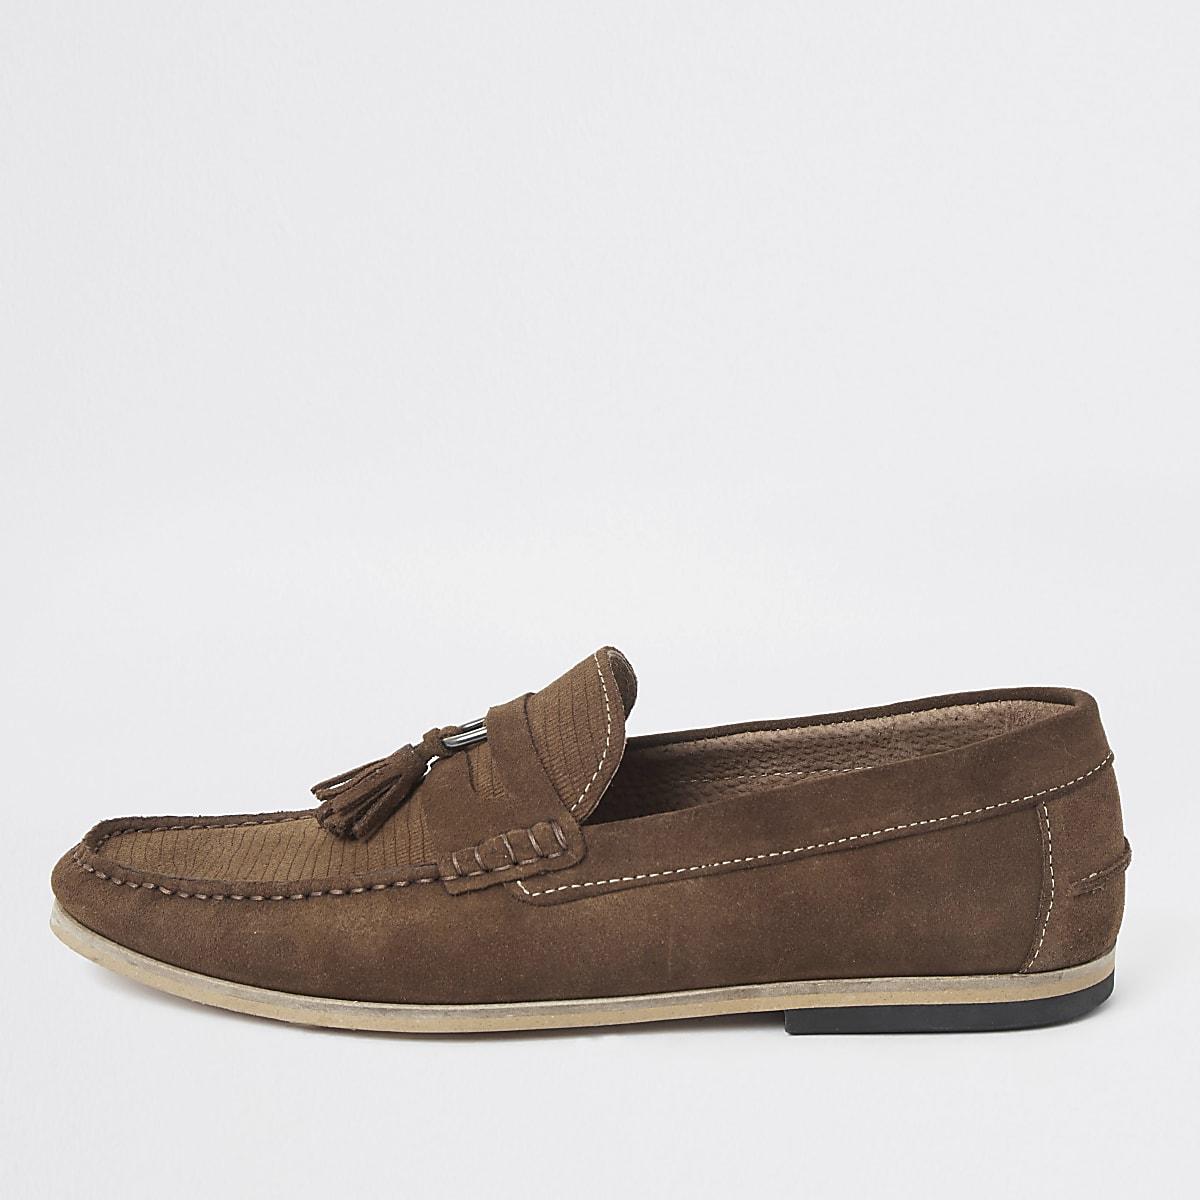 Bruine suède loafers met textuur en kwastjes